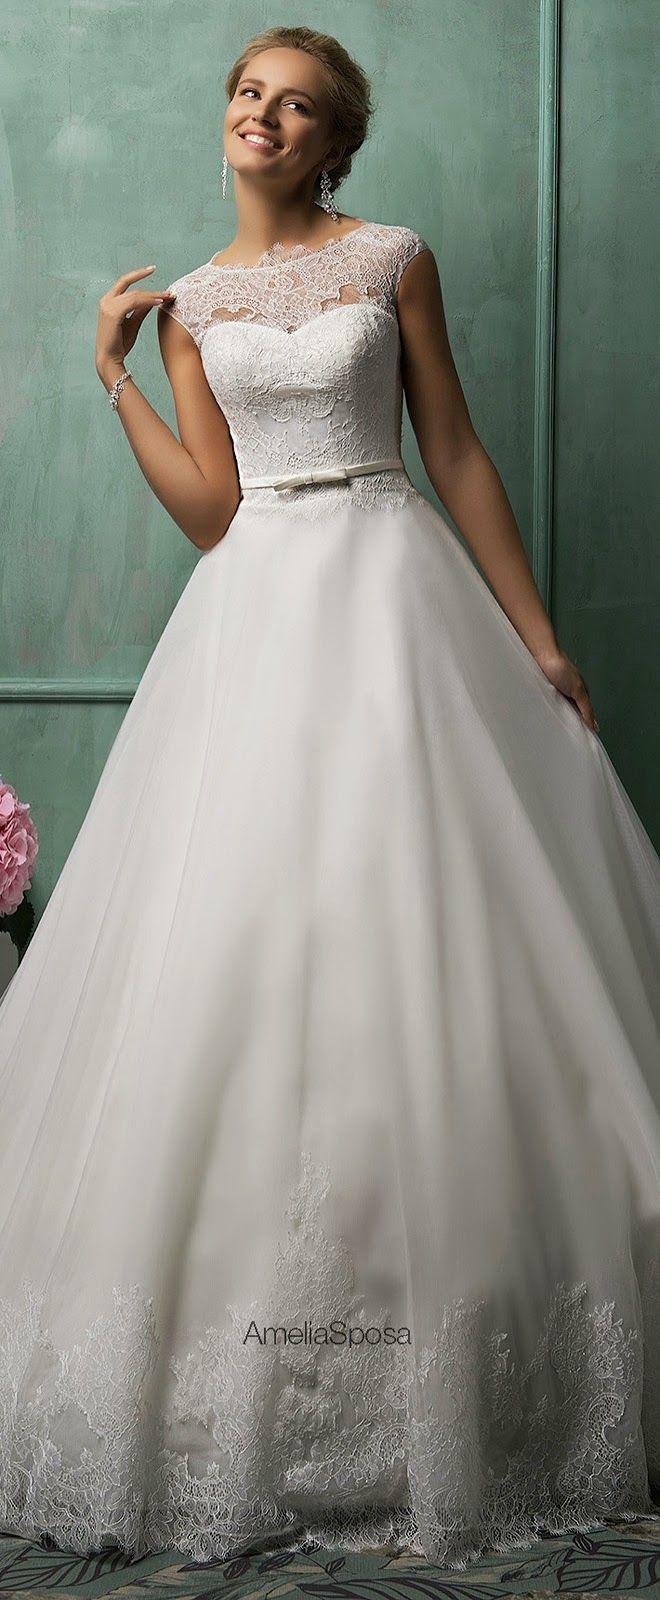 Pretty vestidos de noiva amelia sposa cap manga vestido davia